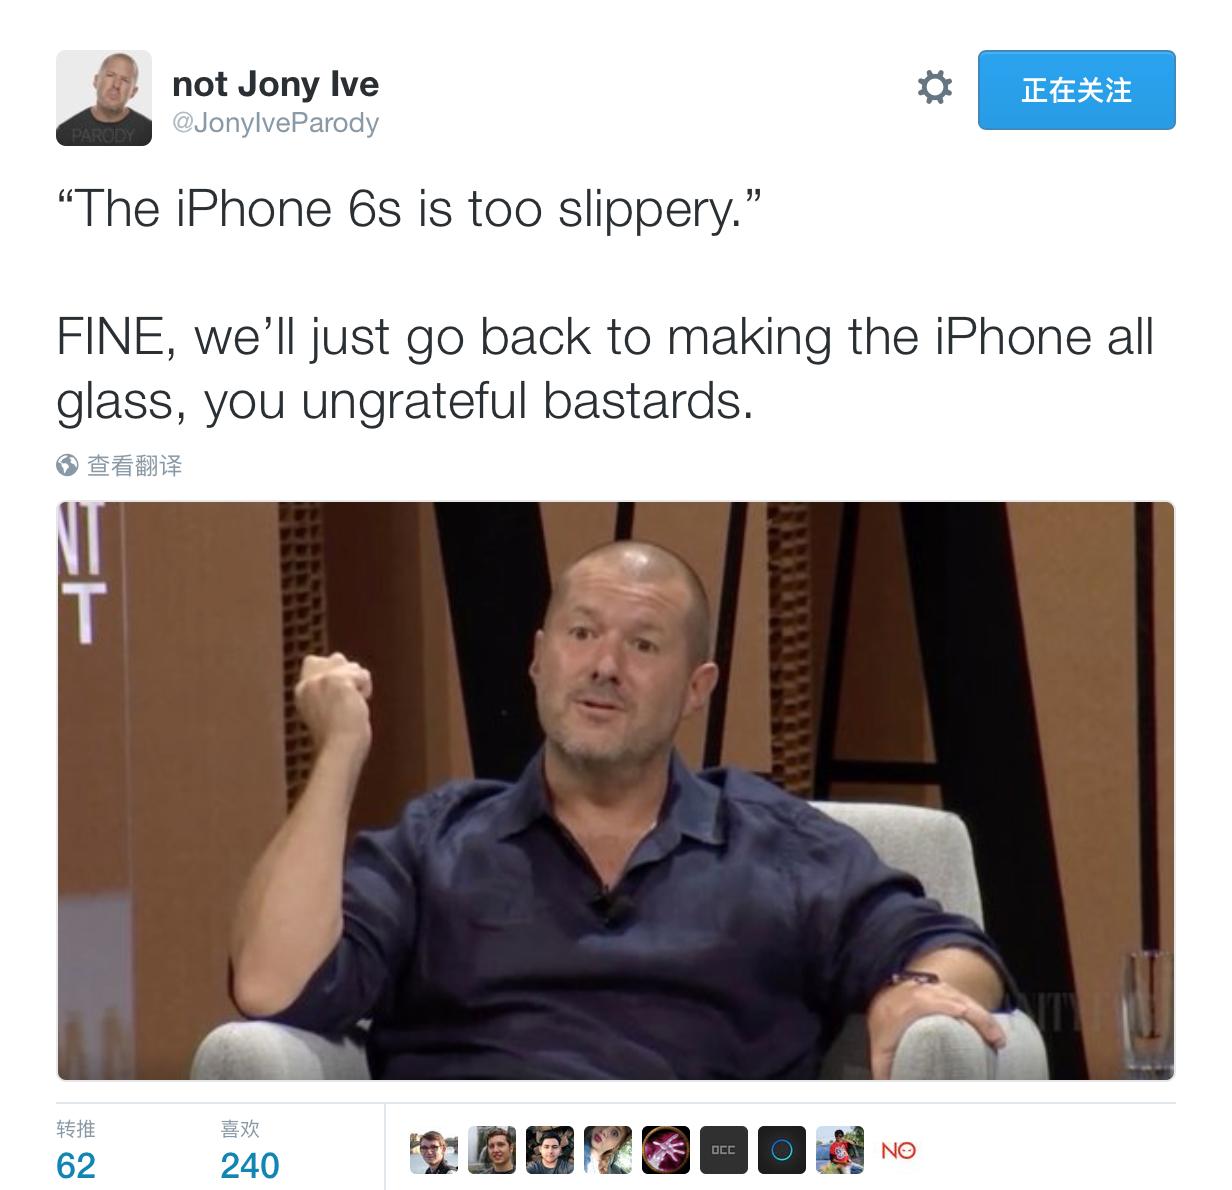 jony-ive-iphone-6s